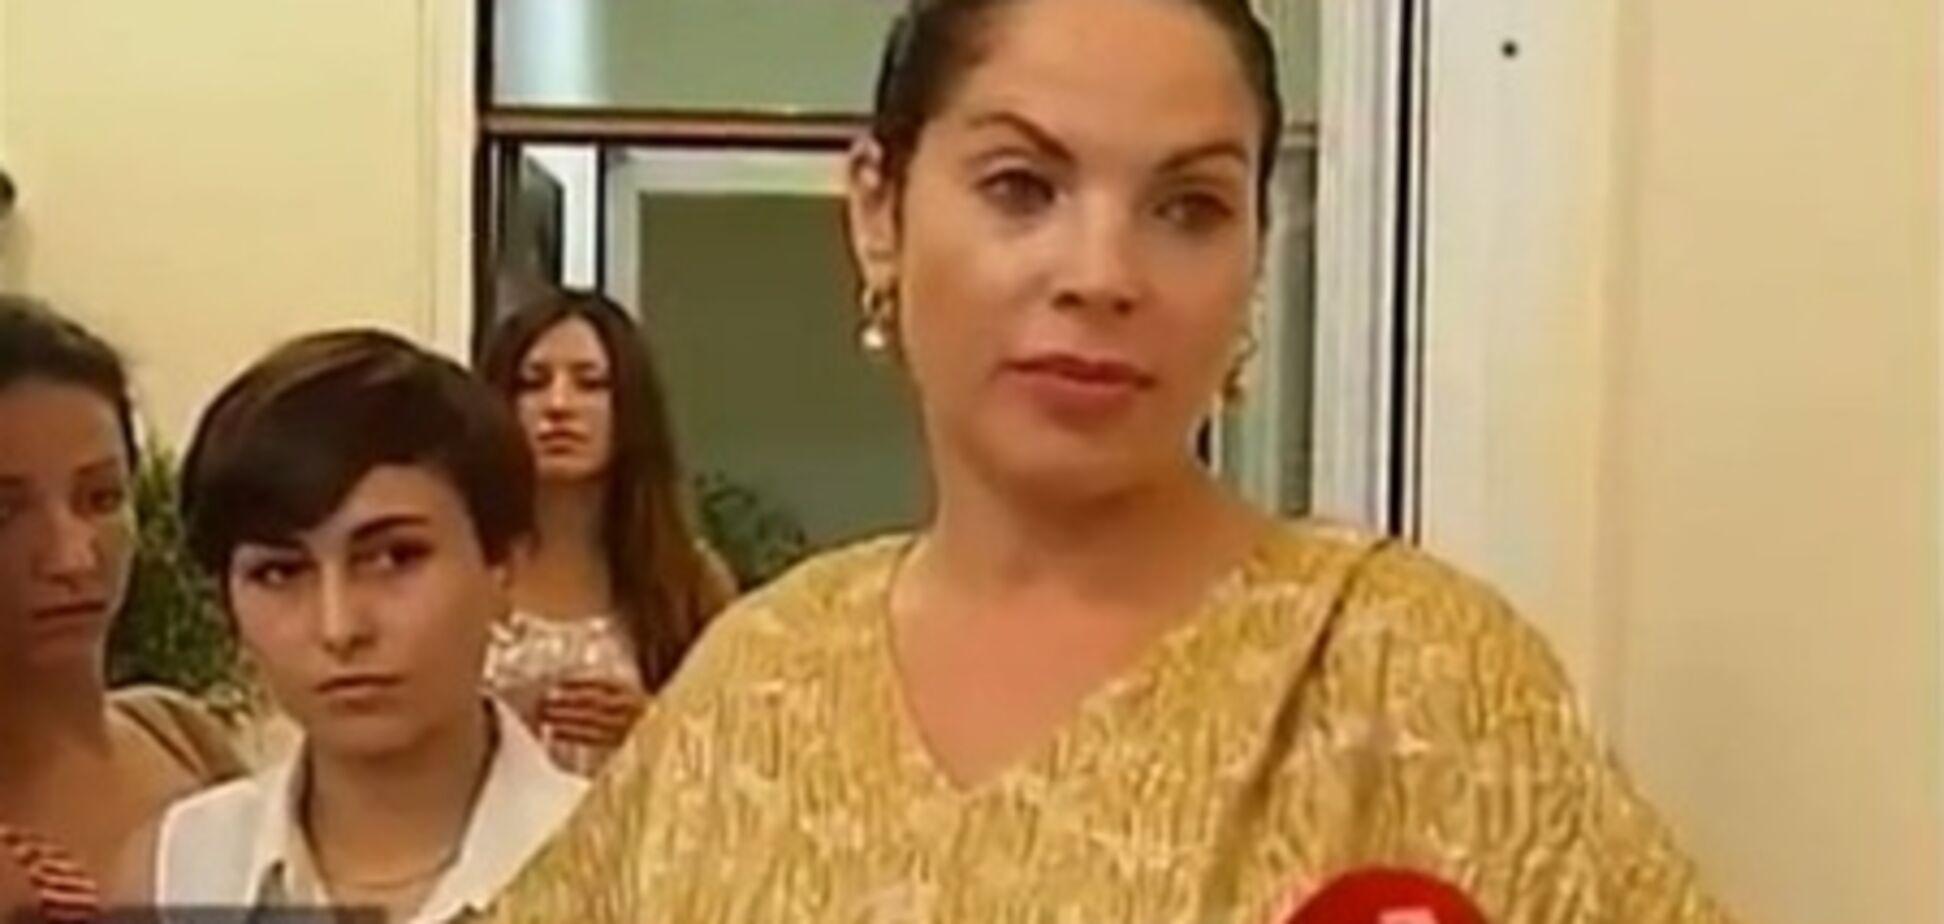 Прокаева: за должность в Лавре дала для министра культуры $50 тыс.